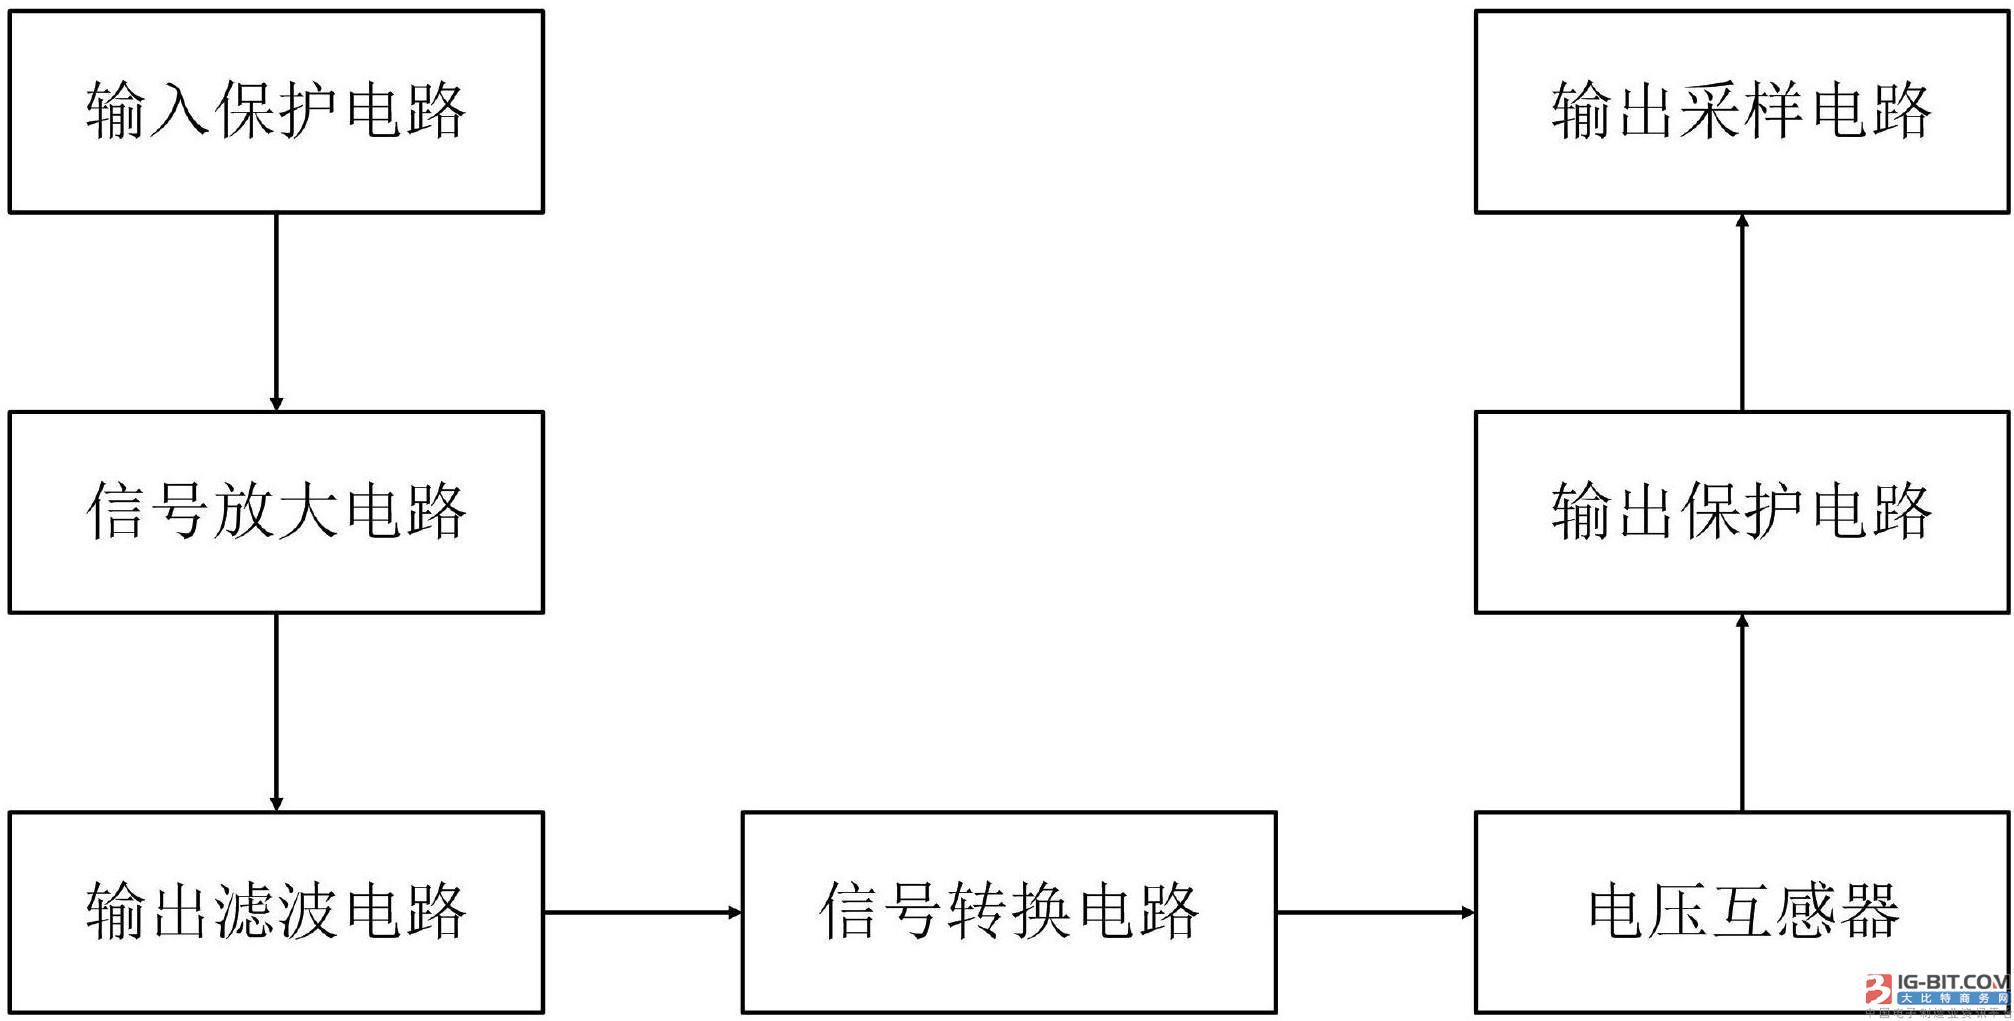 【仪表专利】新型电子式电压传感器及其电能表